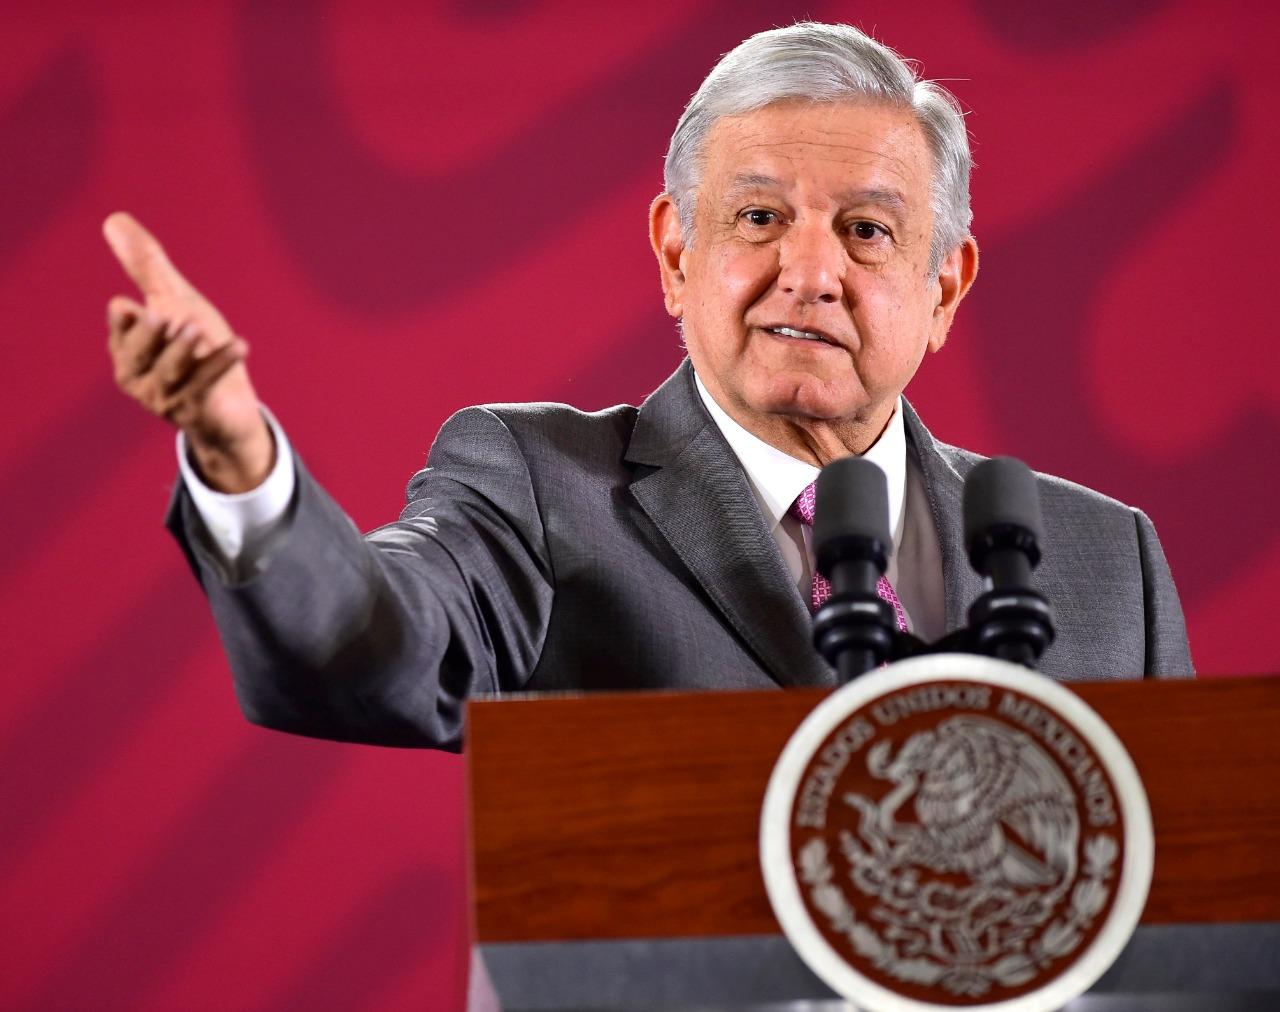 Presidente López Obrador instruye iniciar recursos legales para investigar funcionarios y jueces por caso Ayotzinapa